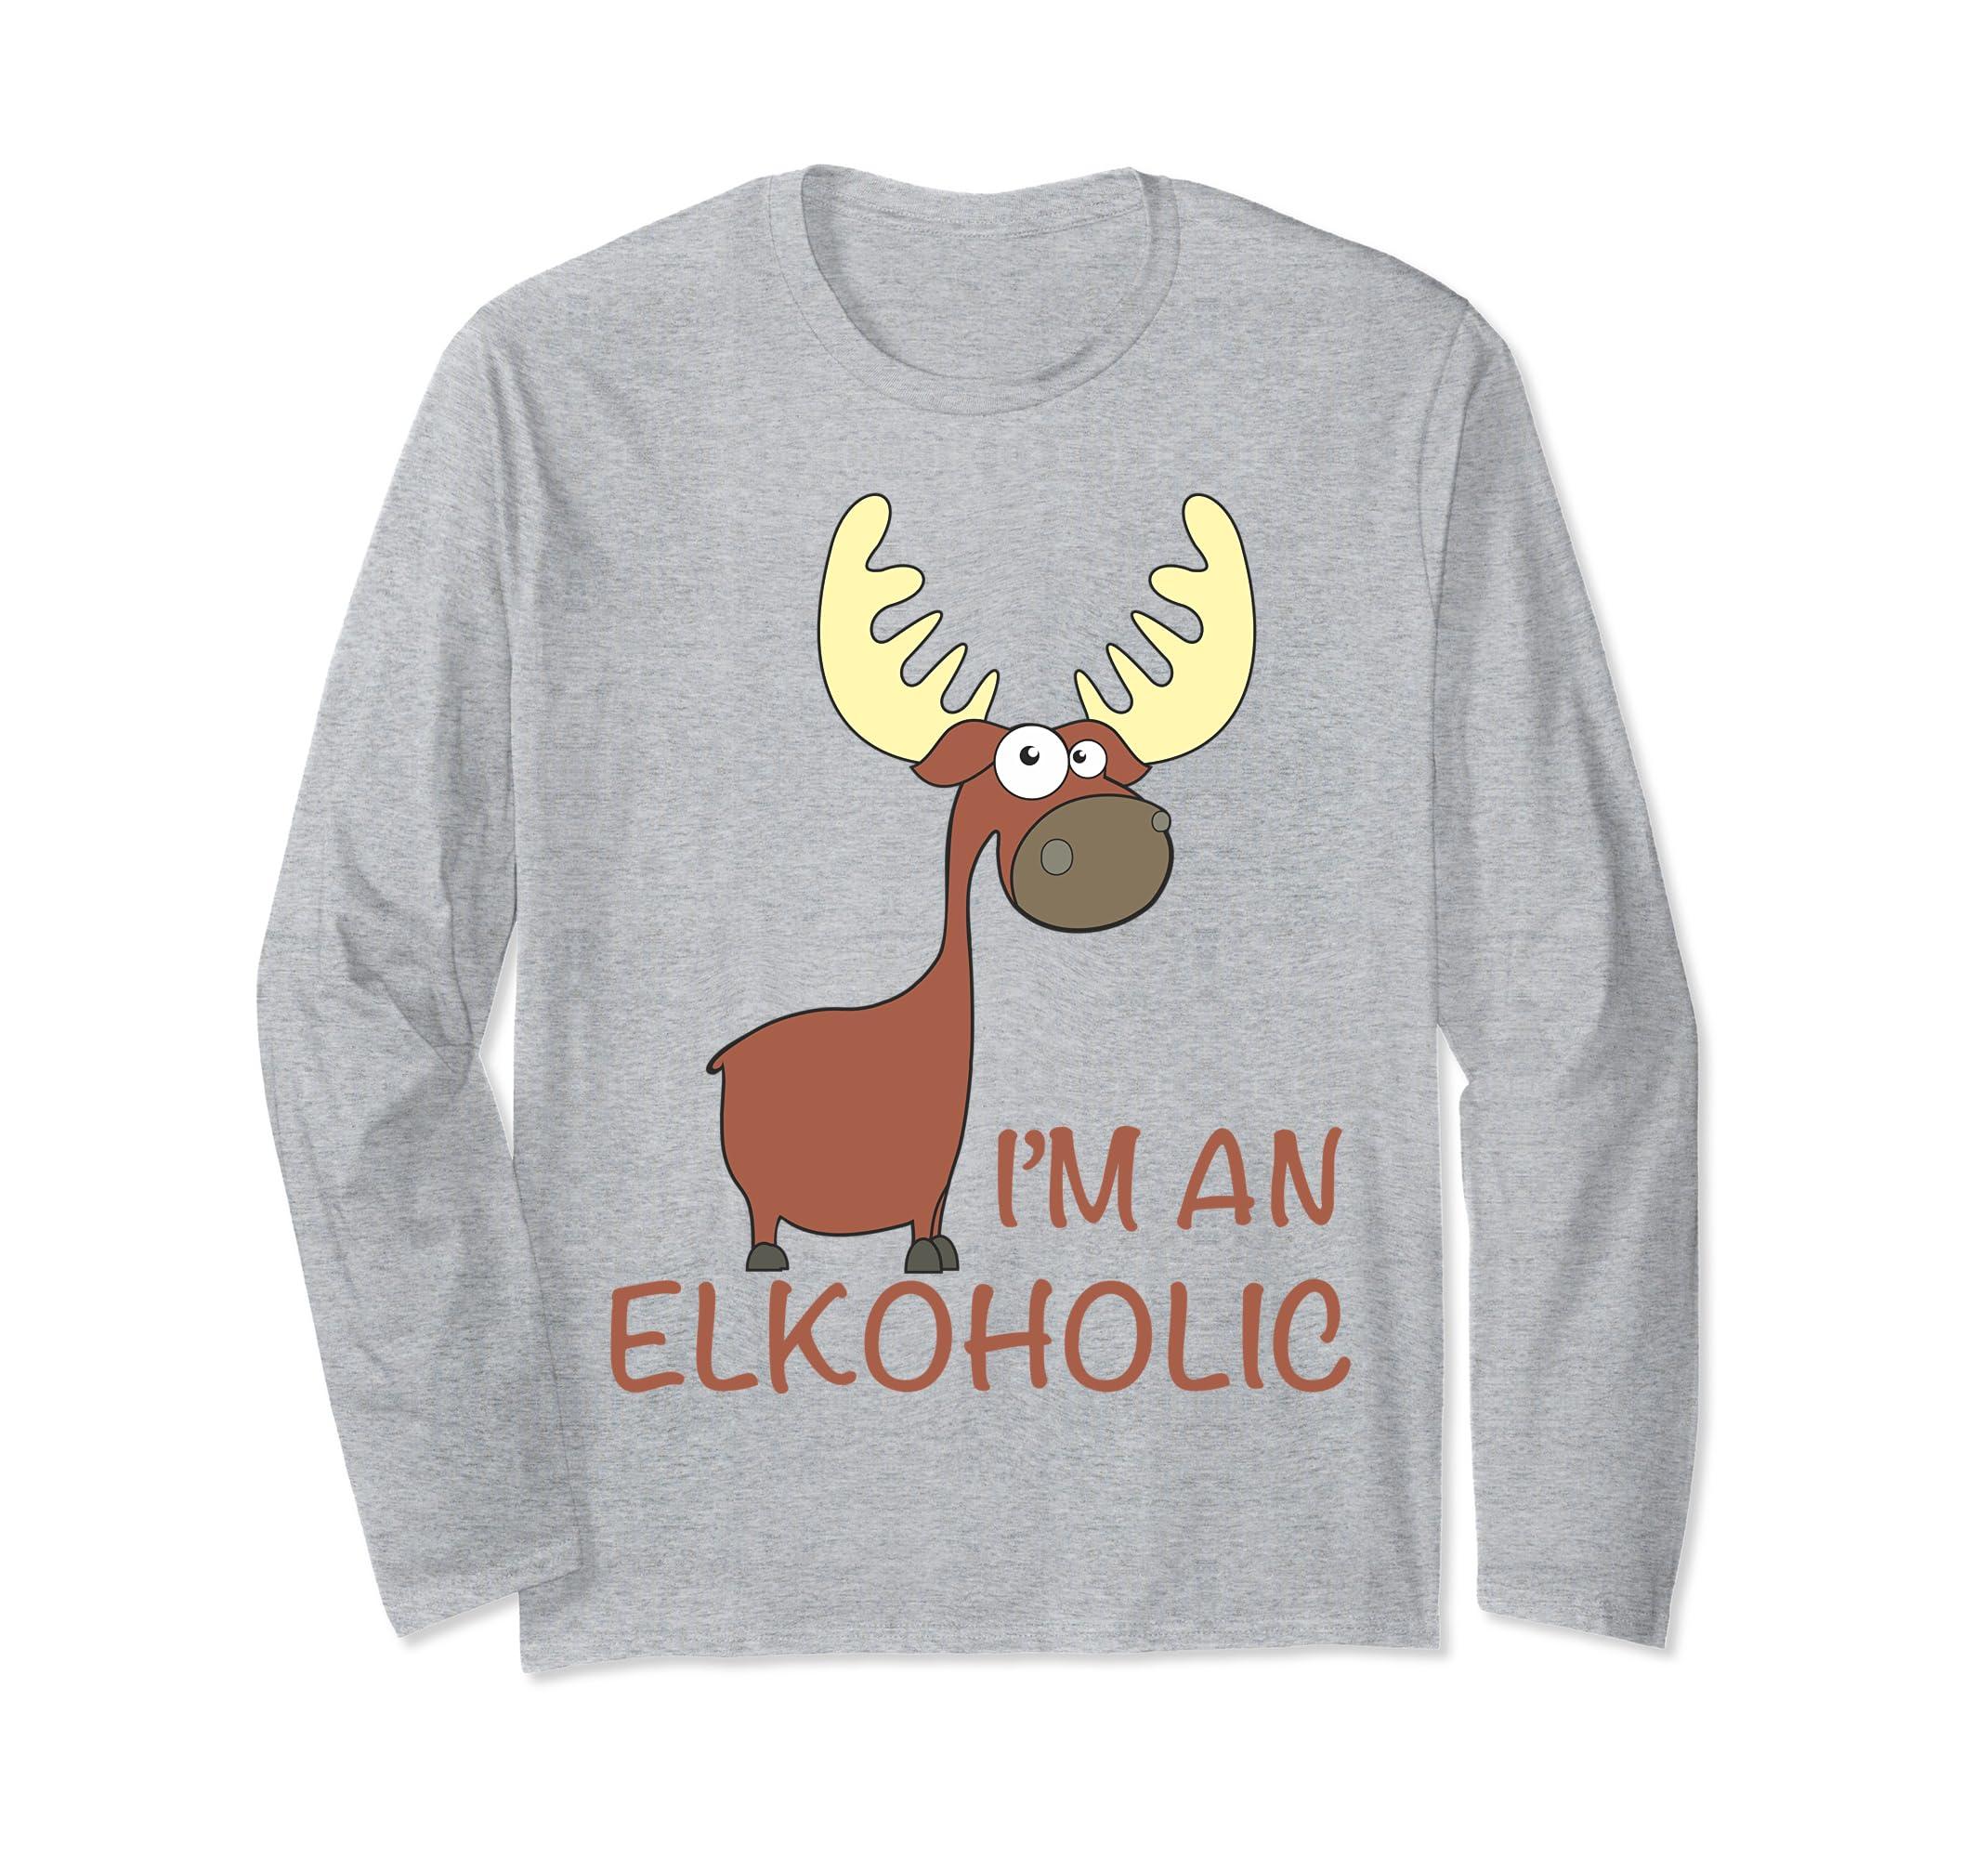 I am an Elkoholic Long Sleeve Shirt T Shirt-Bawle